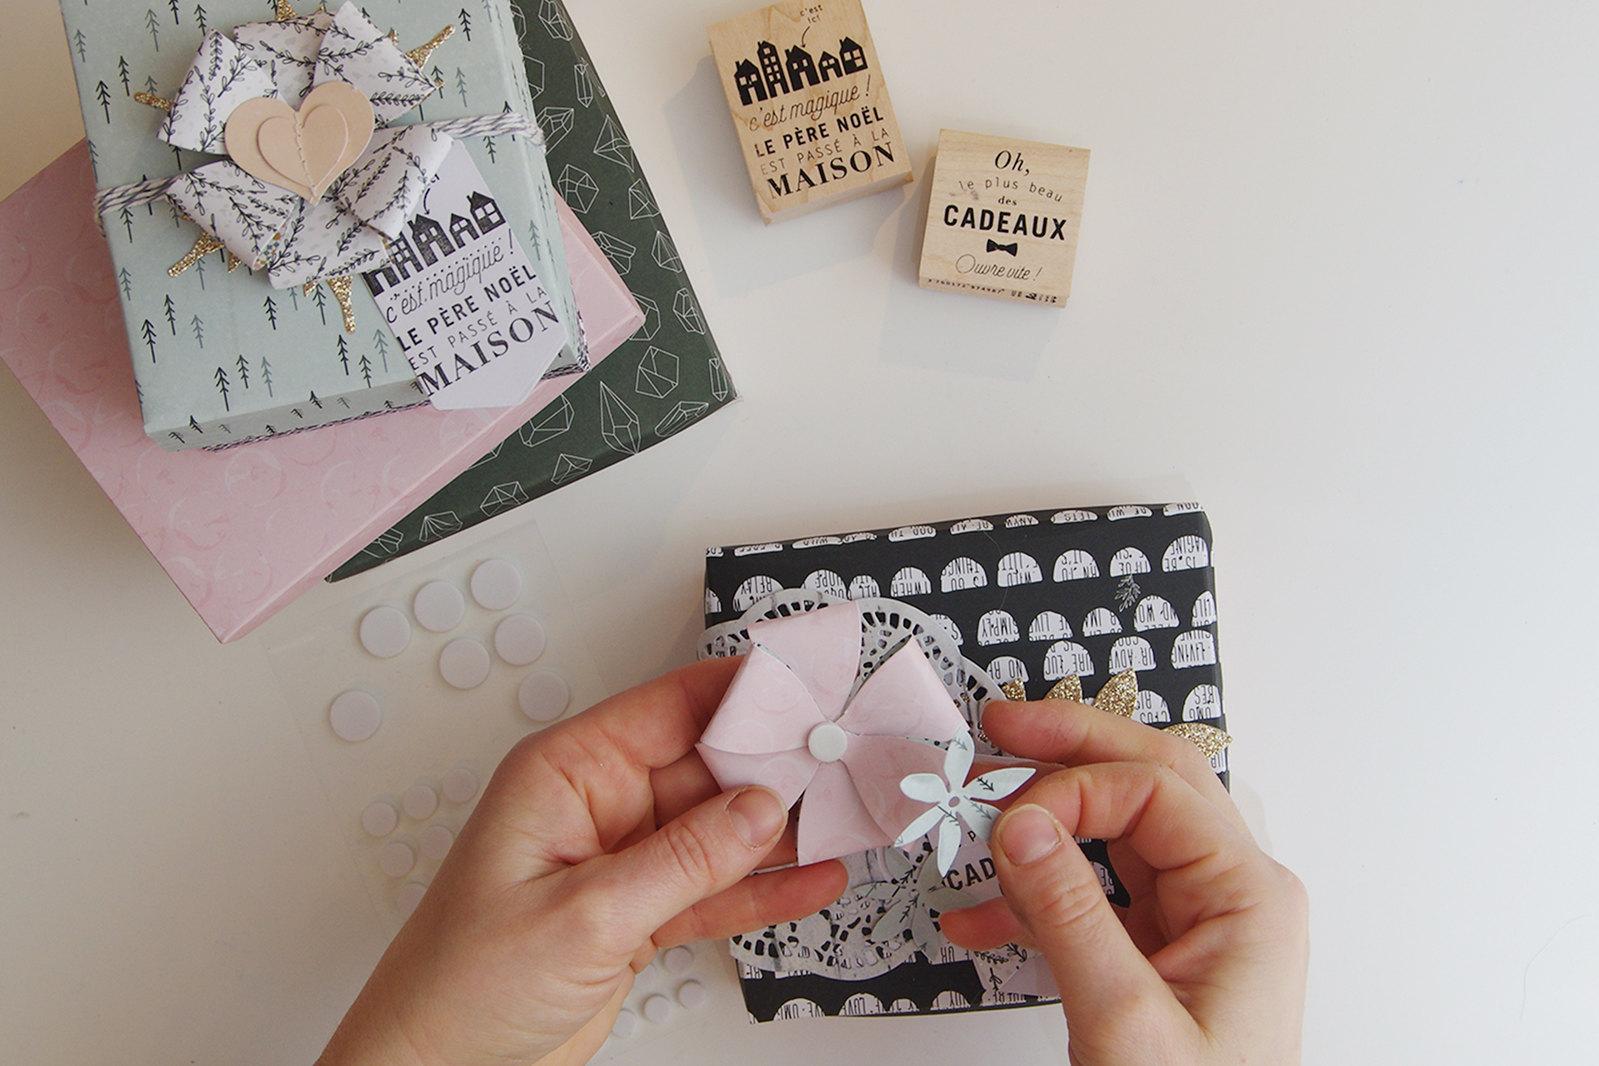 Belles boites pour beaux cadeaux kesiart marienicolasalliot-8